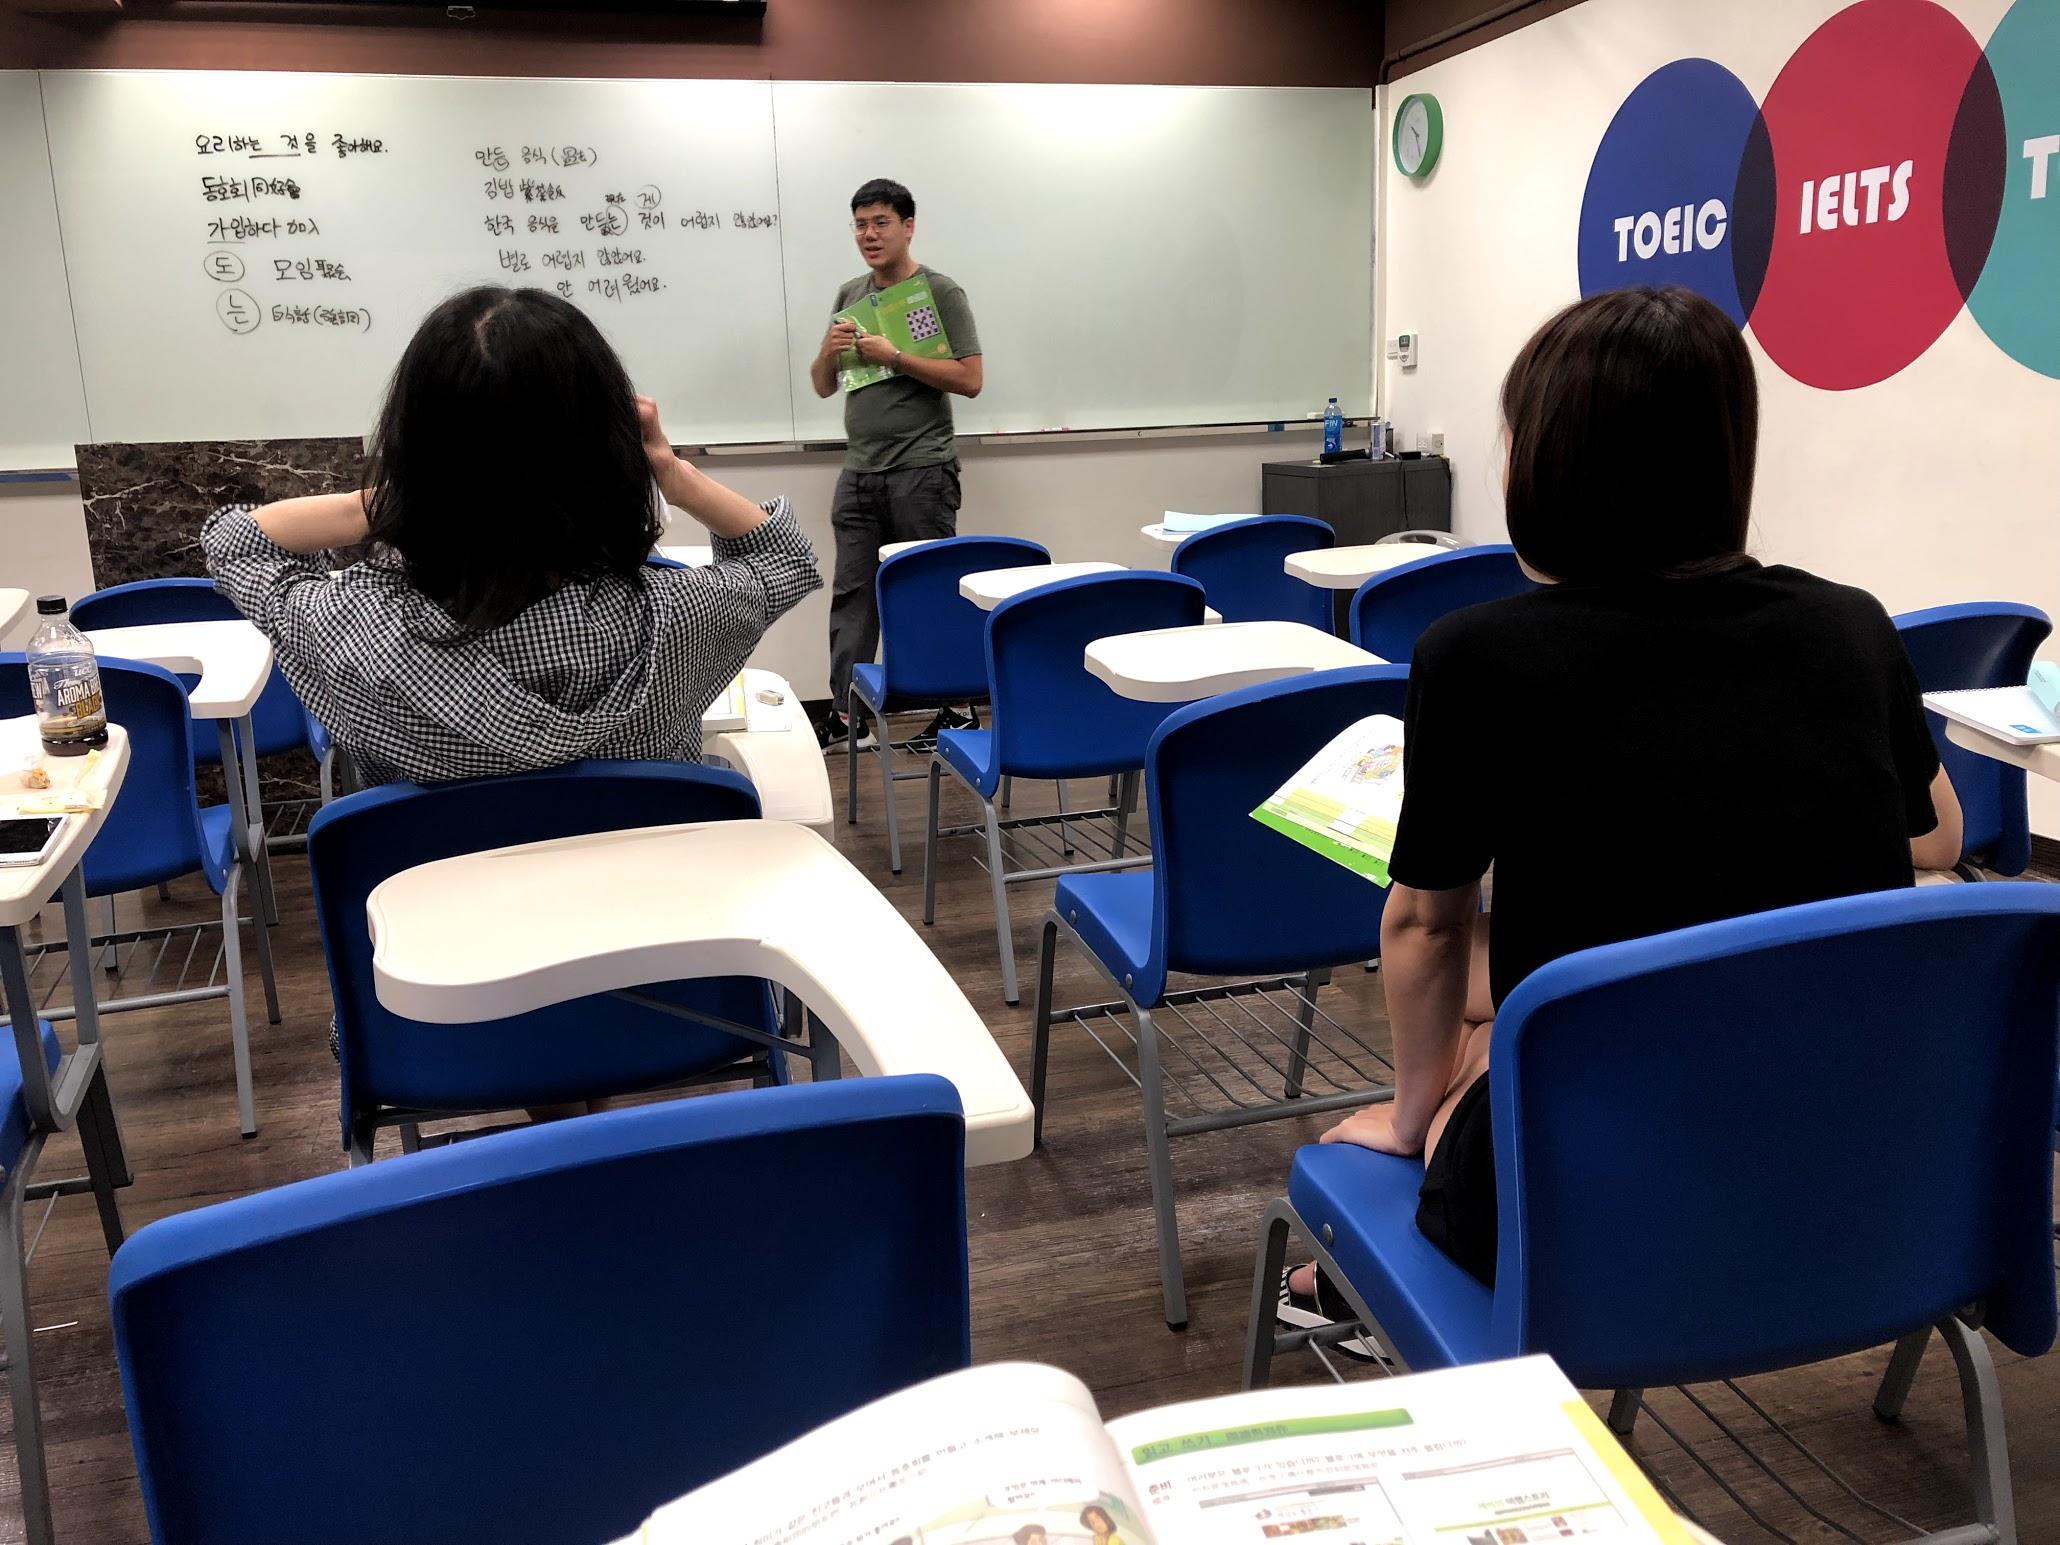 韓文補習班英代外語板橋分校-迷妹學韓文,歐巴老師教課,學習開口說韓文 @秤瓶樂遊遊